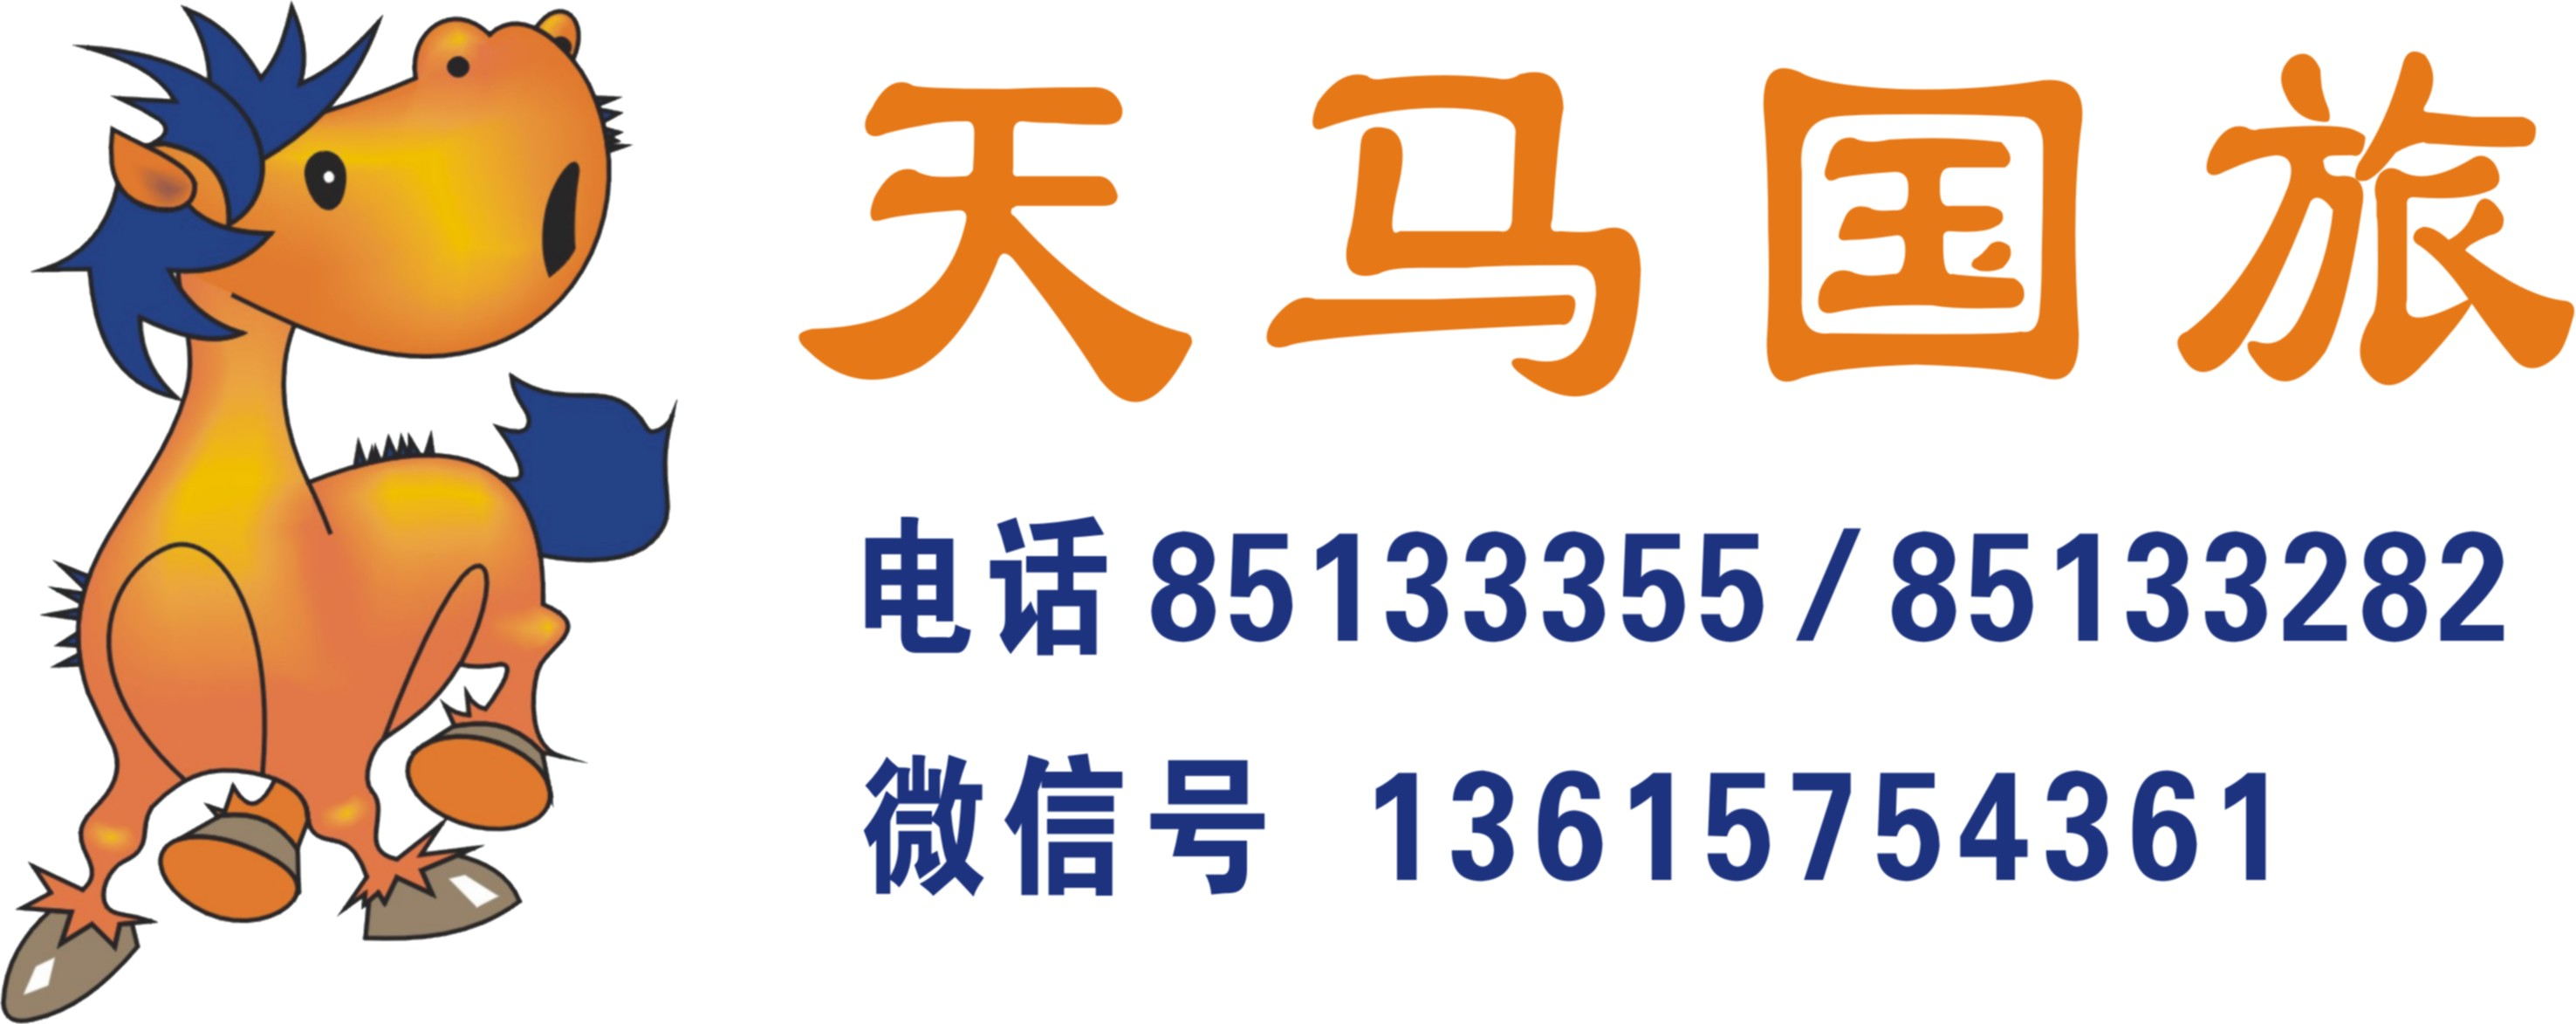 3月【邂逅万达-西双版纳5日】4人小包团、3晚万达假日、温泉